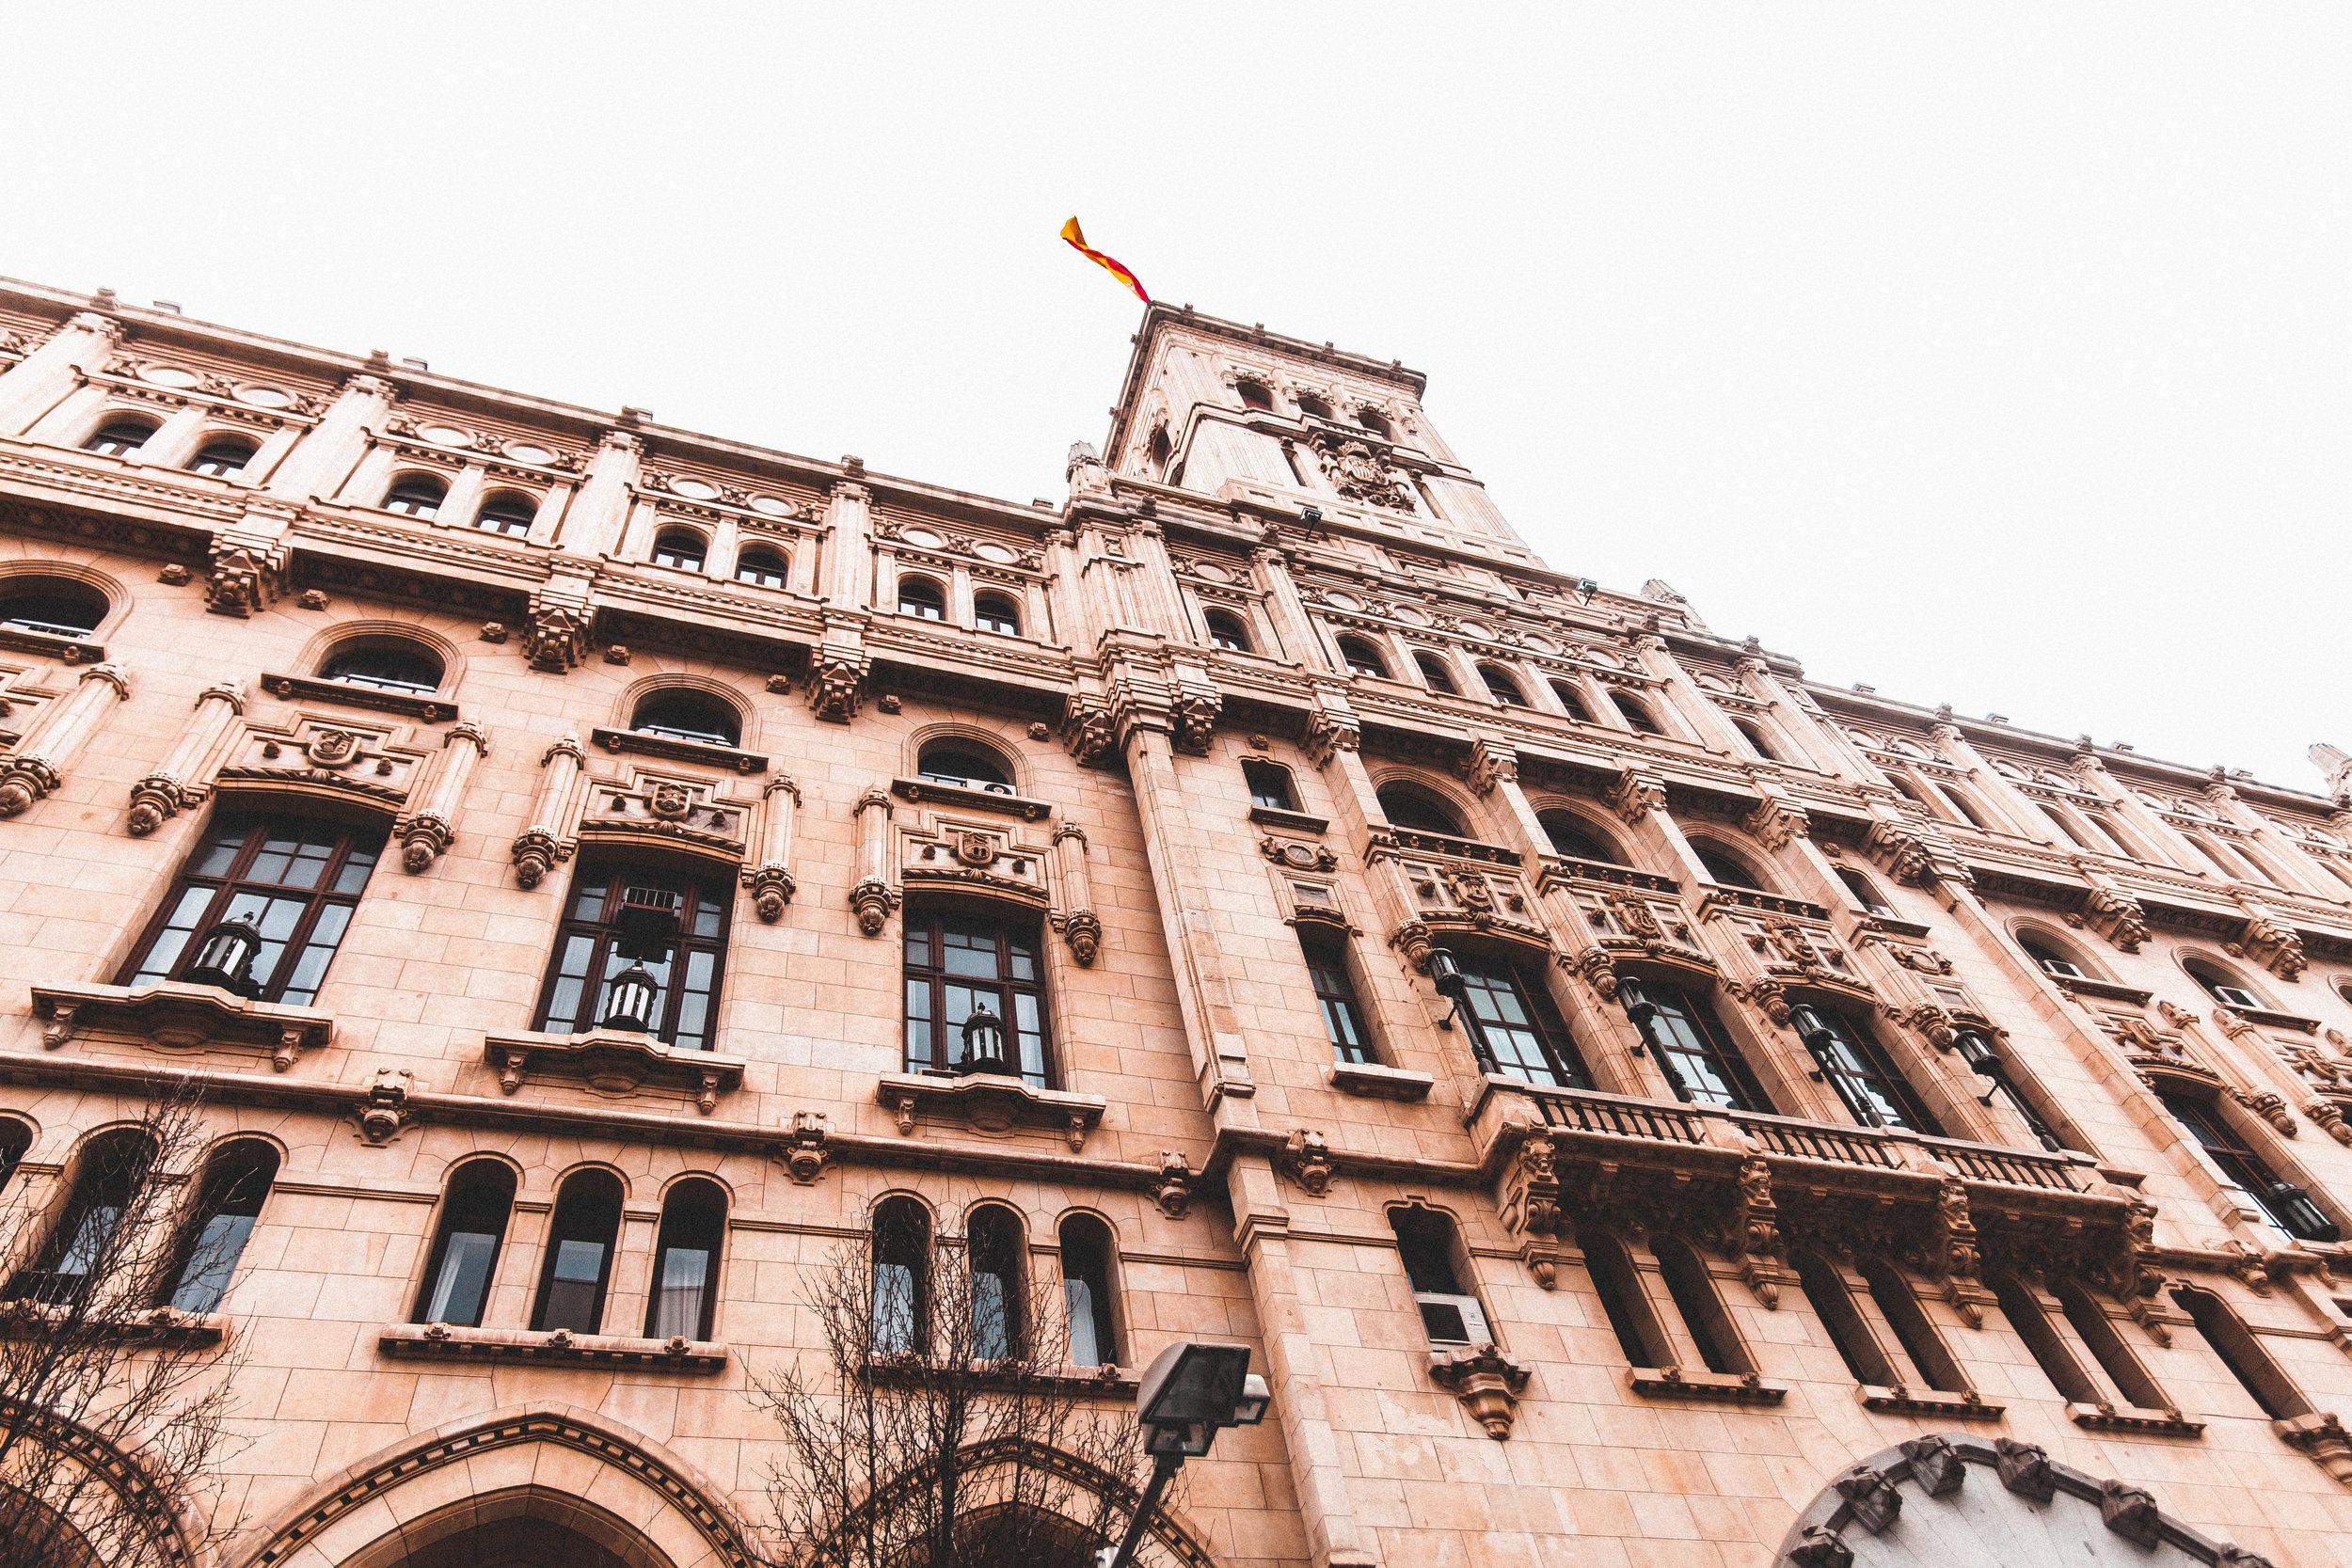 Madrid - 15-37-56 - 9947.jpg